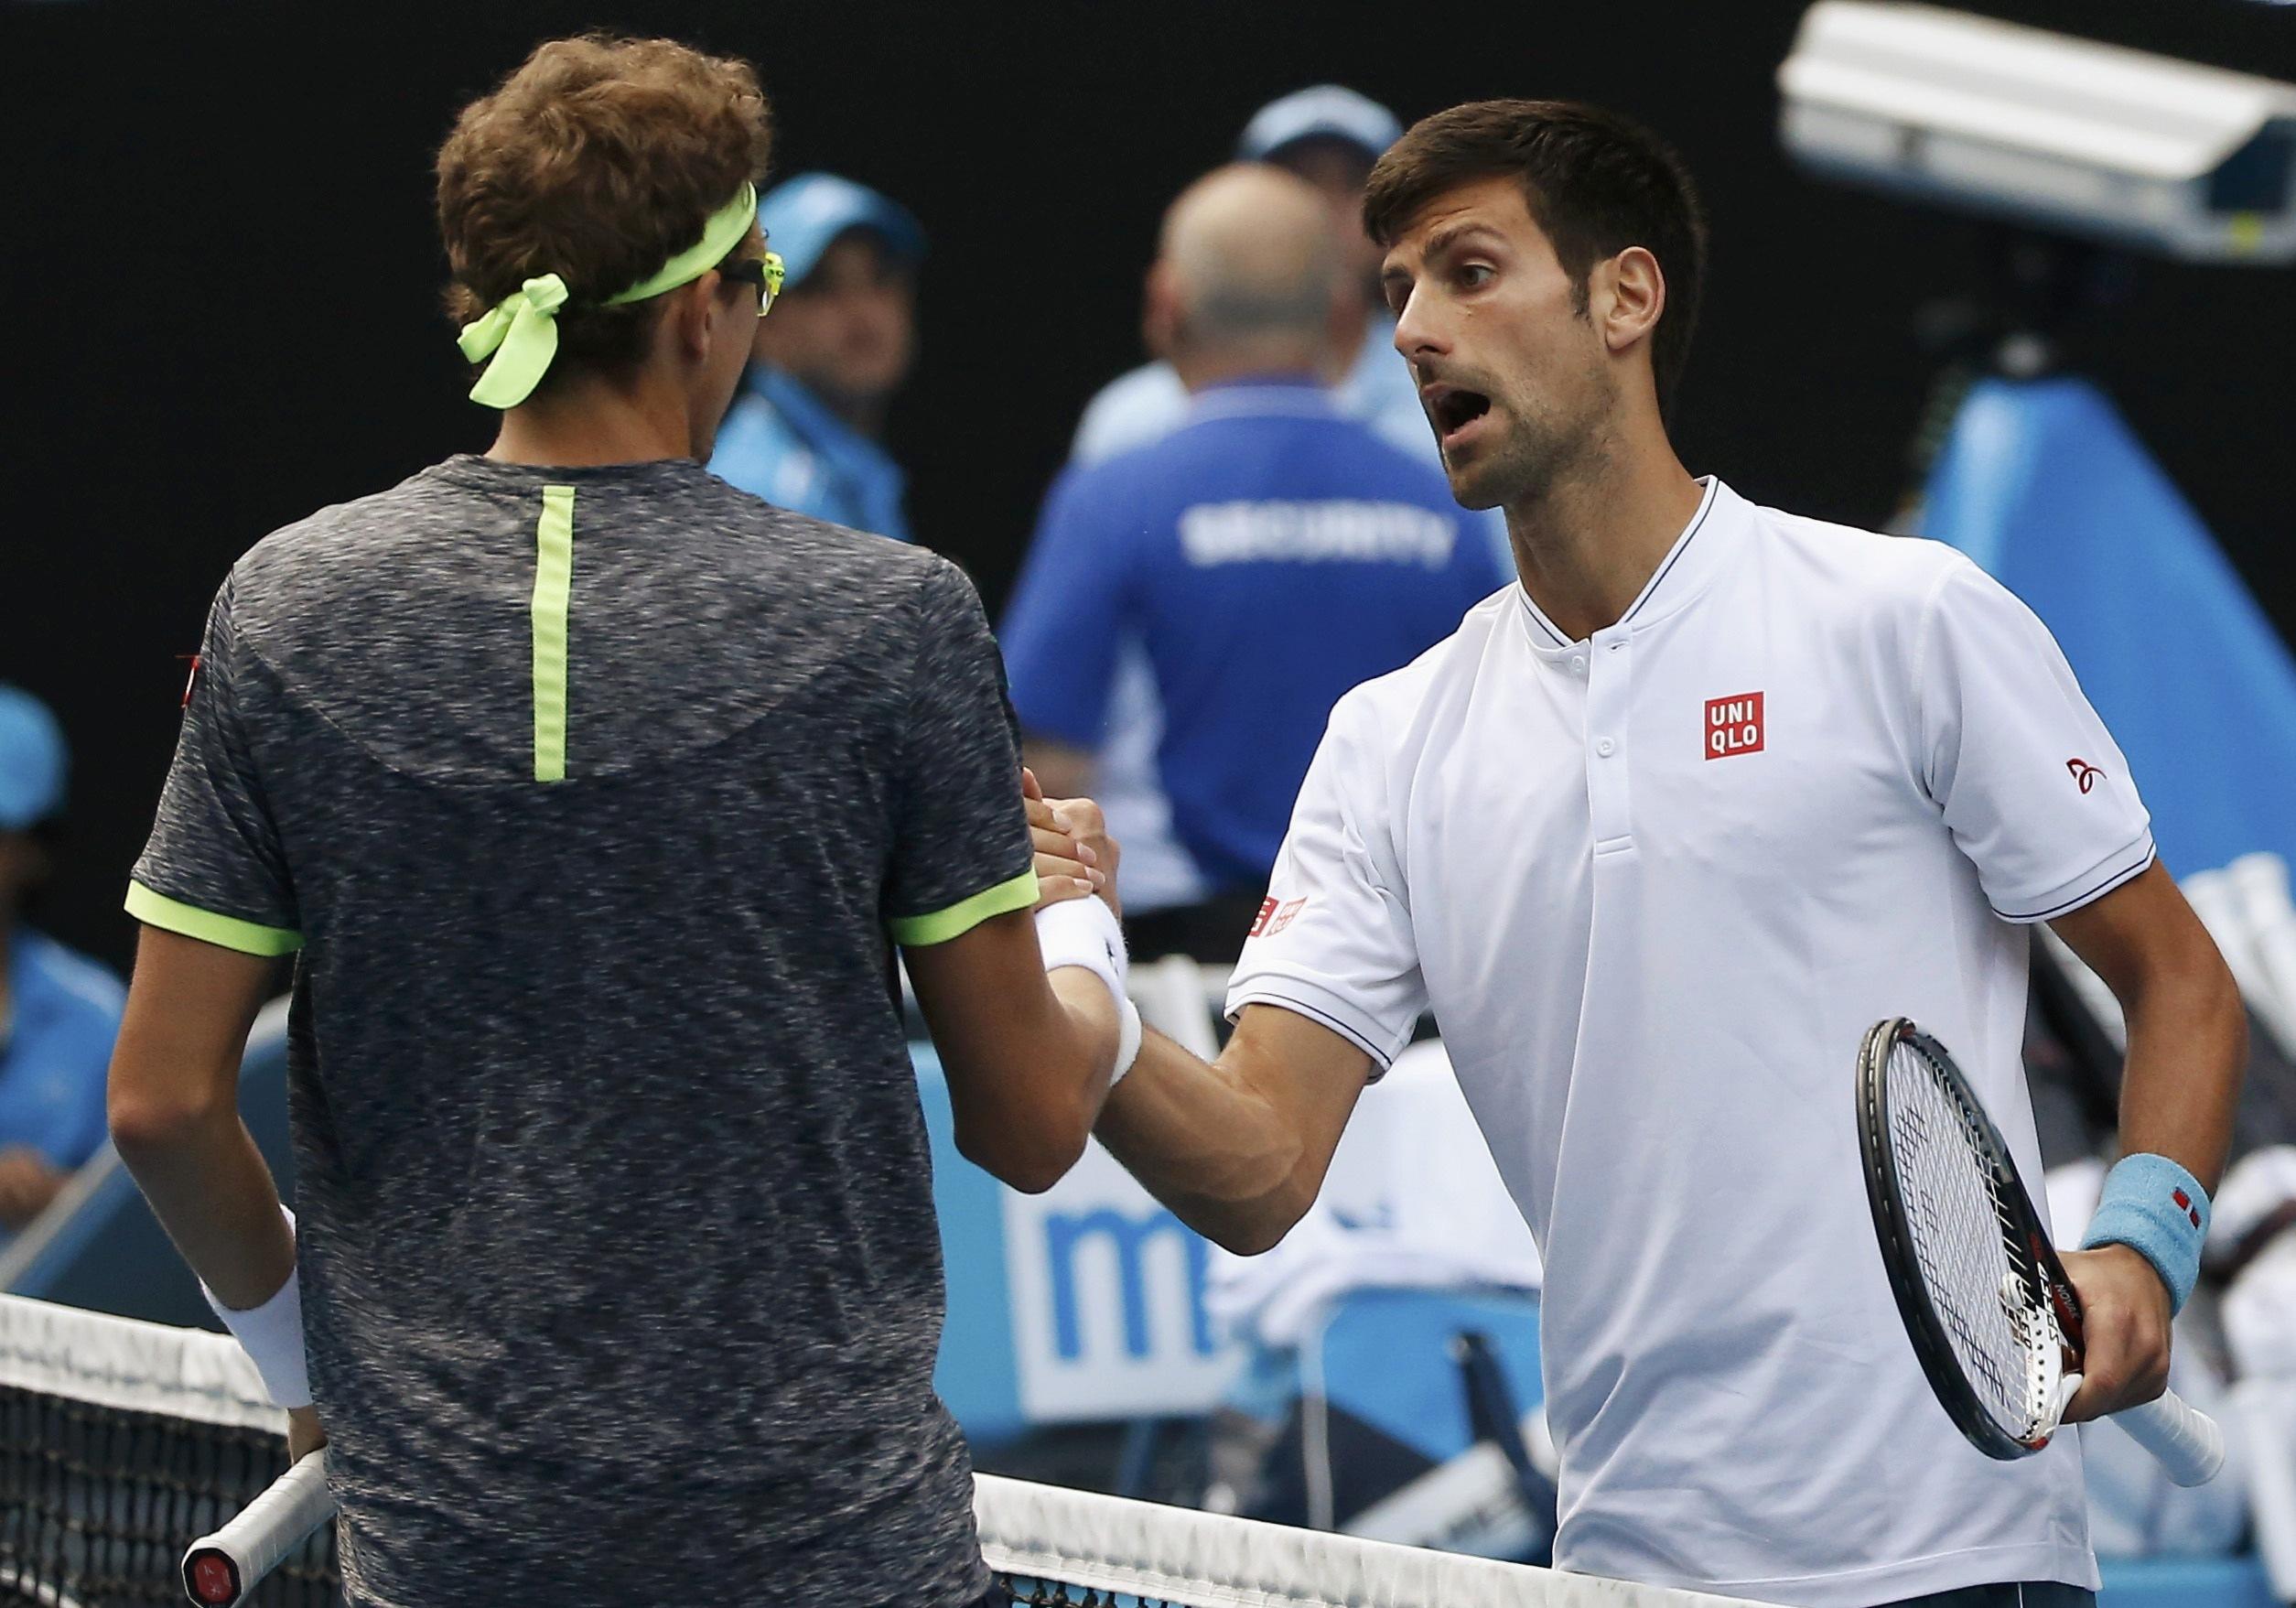 Джокович проиграл узбекскому теннисисту наAustralian Open— Сенсация вМельбурне